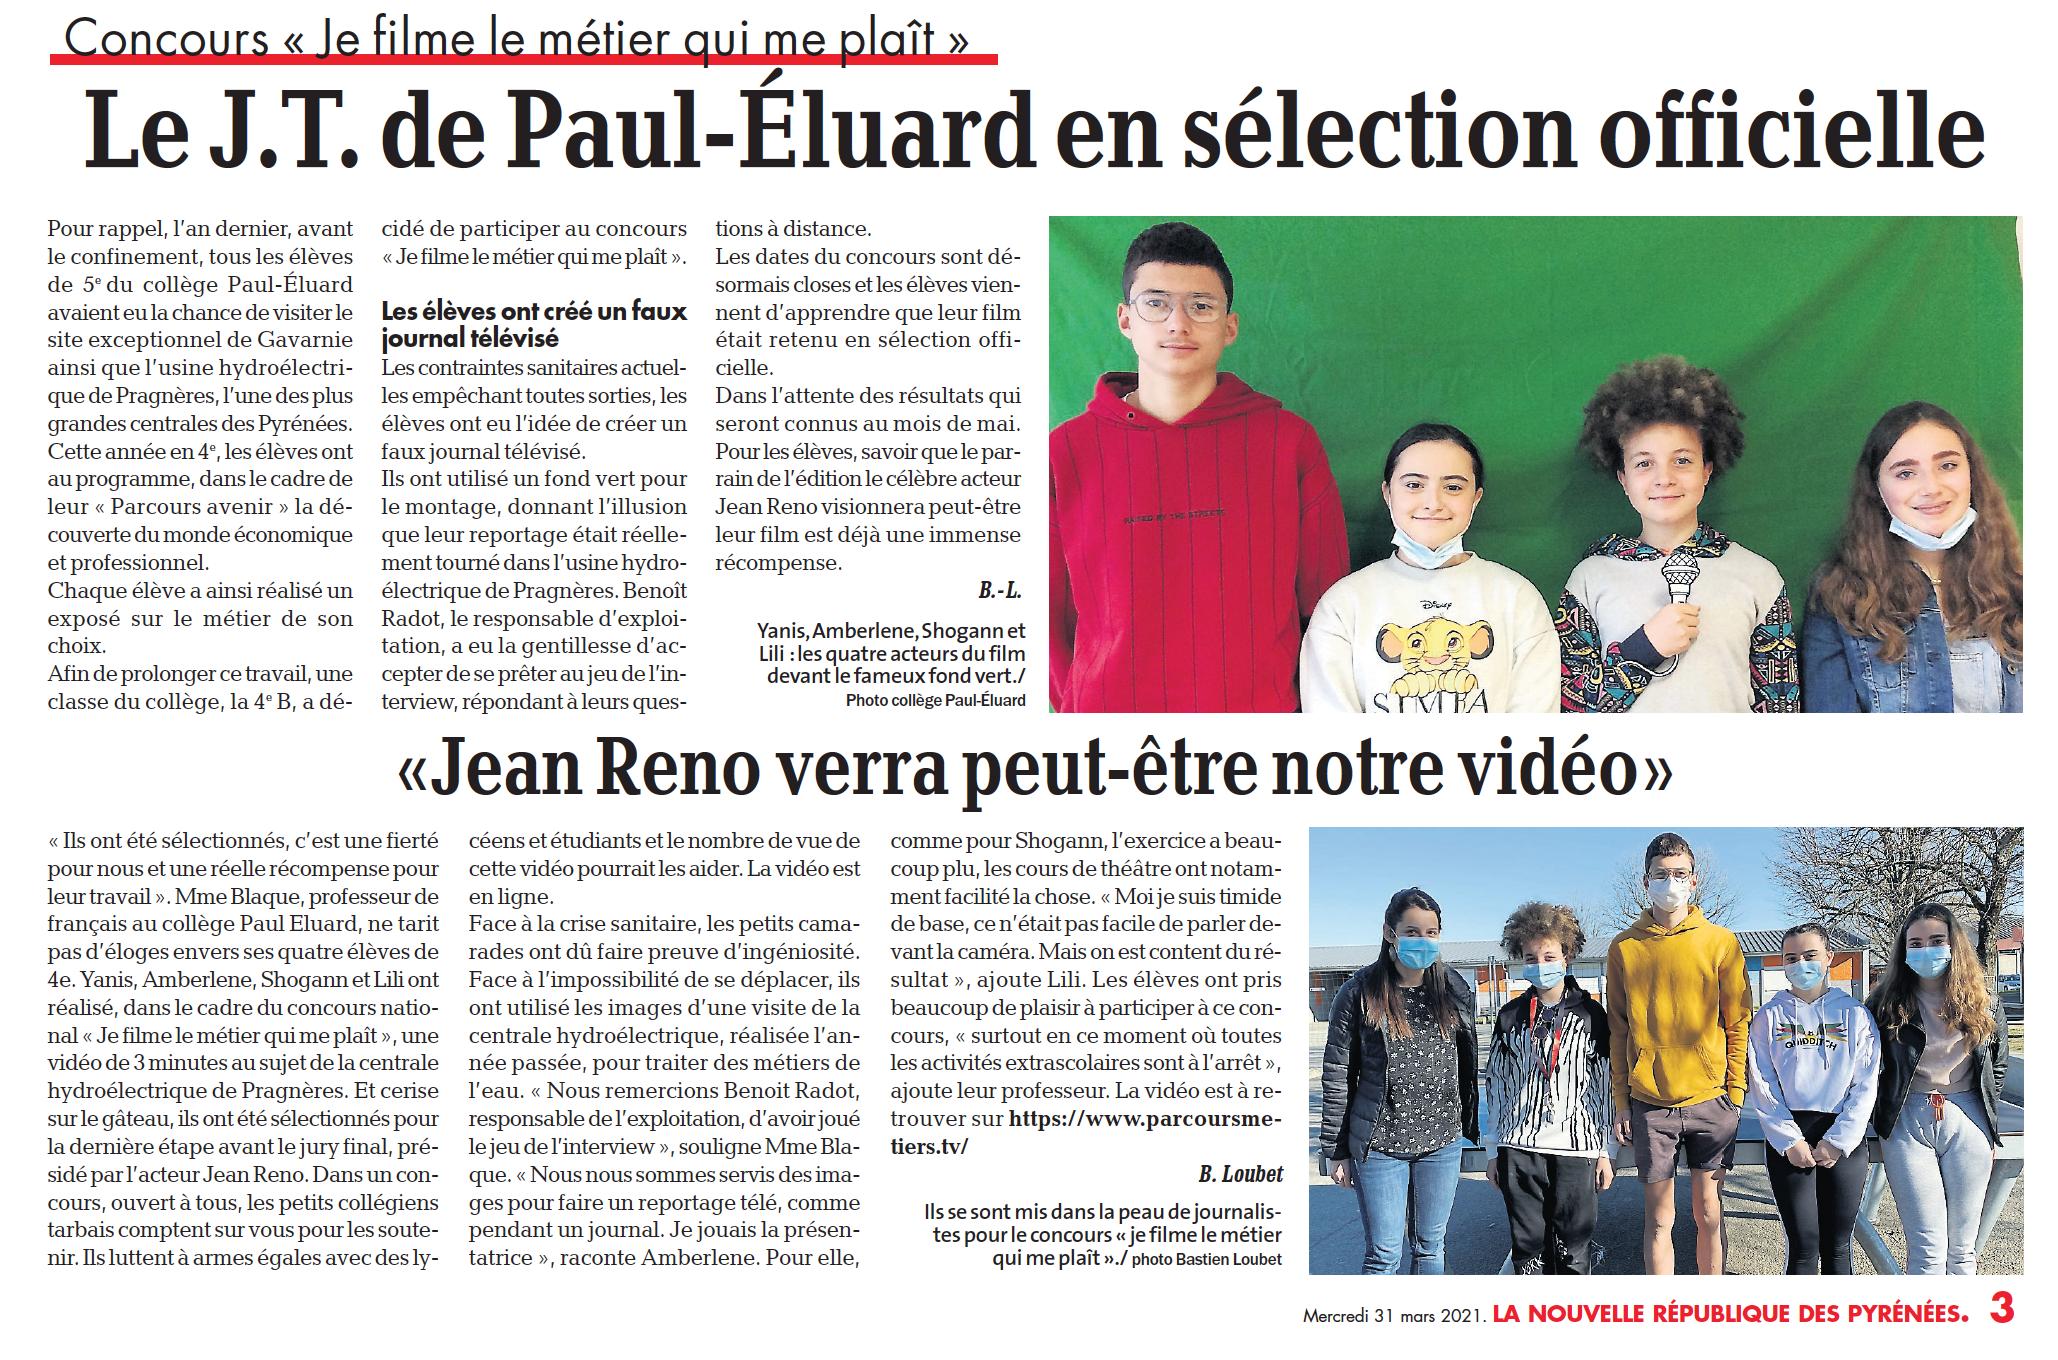 Le J.T. de Paul-Éluard en sélection officielle